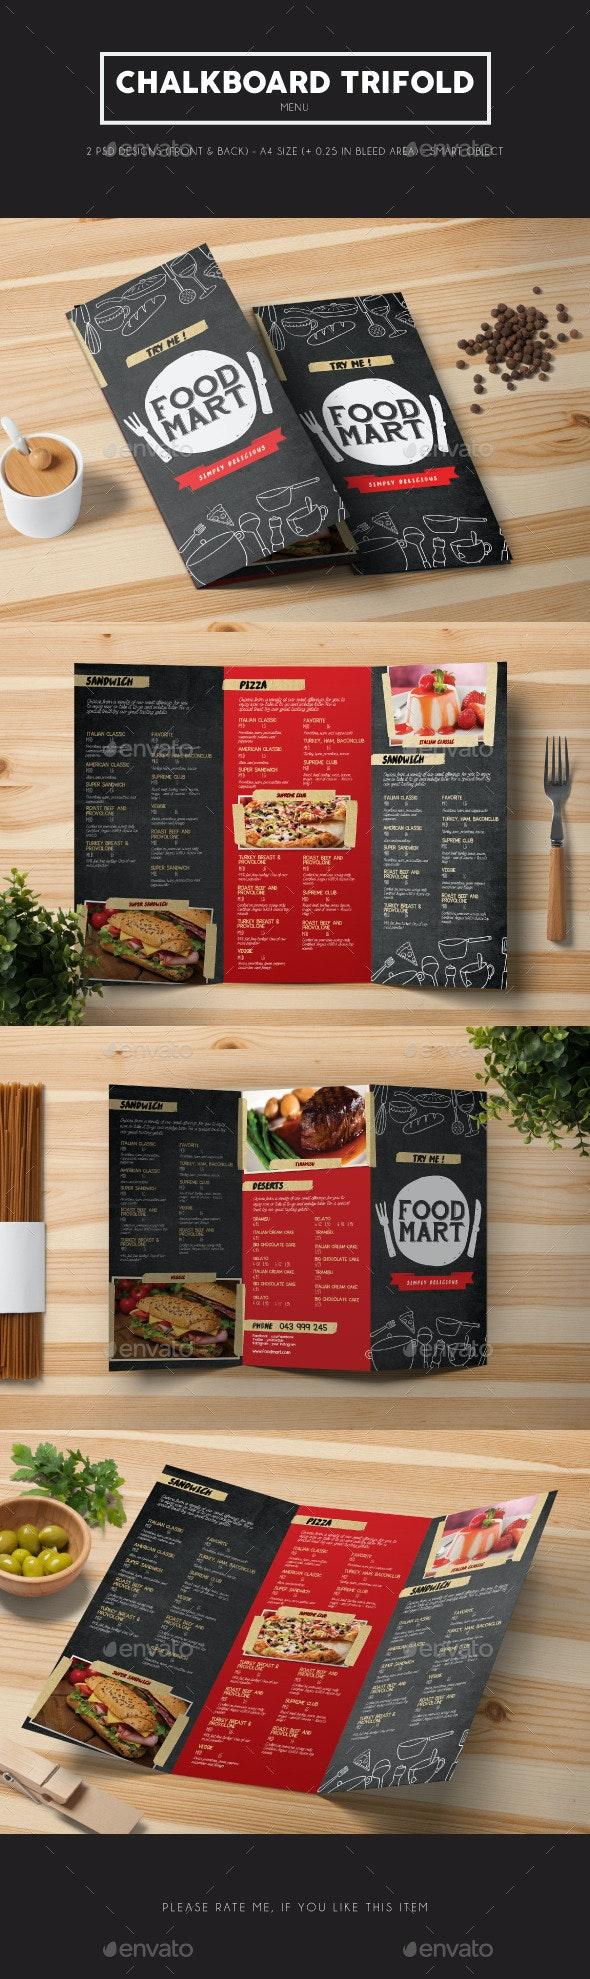 Chalkboard Trifold Menu - Food Menus Print Templates